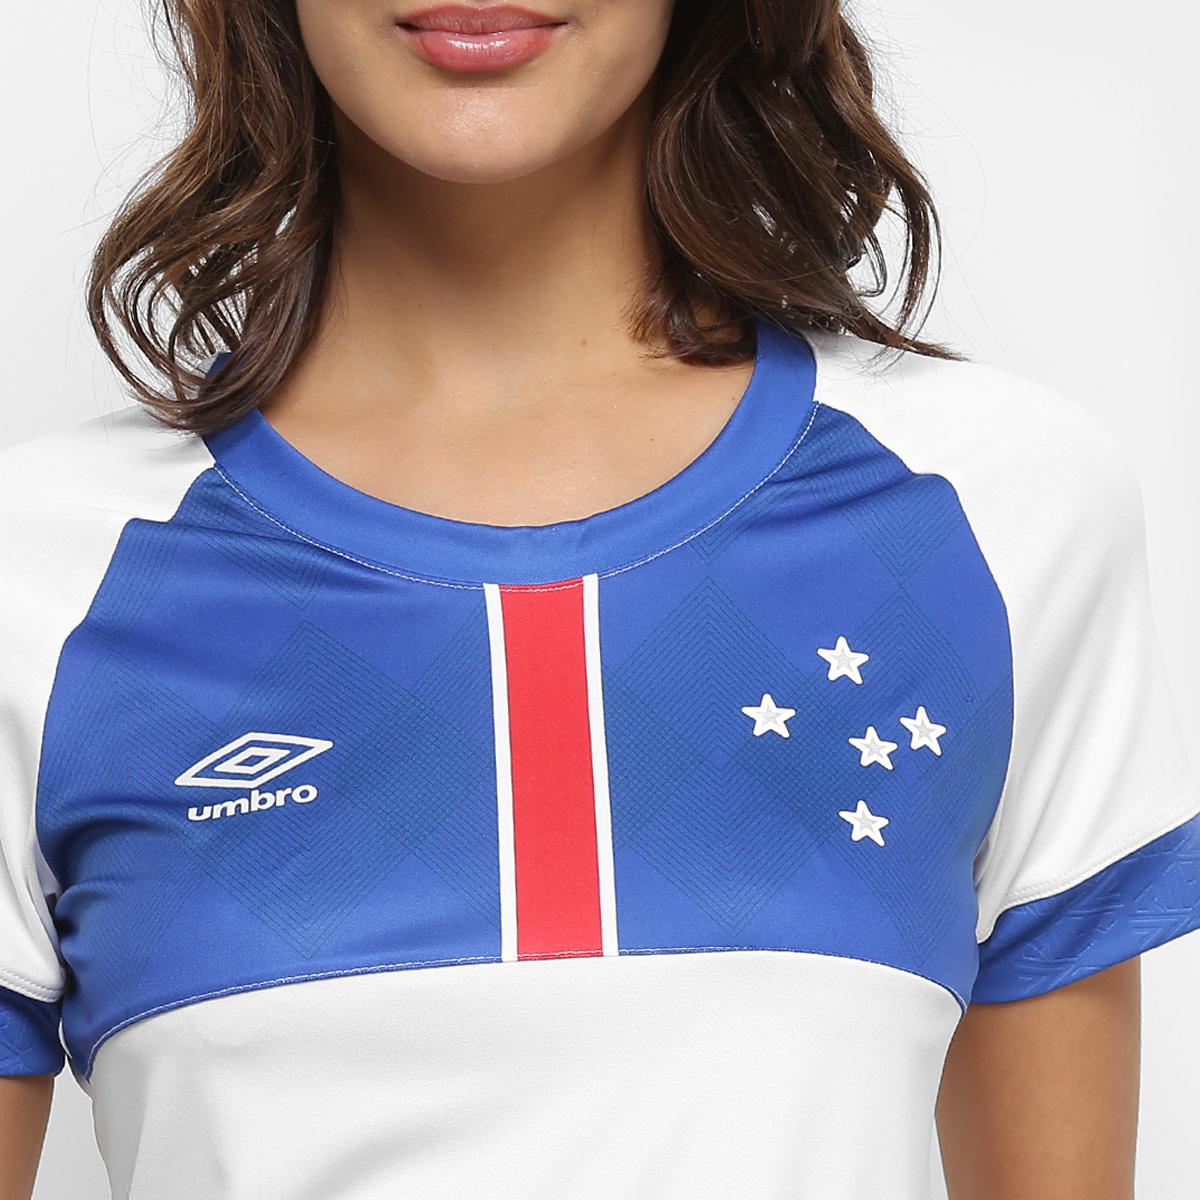 InícioLojaCruzeiroCamisas FemininasCamisa Cruzeiro 2018 II s n° Blár  Vikingur – Torcedor Umbro Feminina – Branco e Azul. 🔍. 1  2 b64249889e928